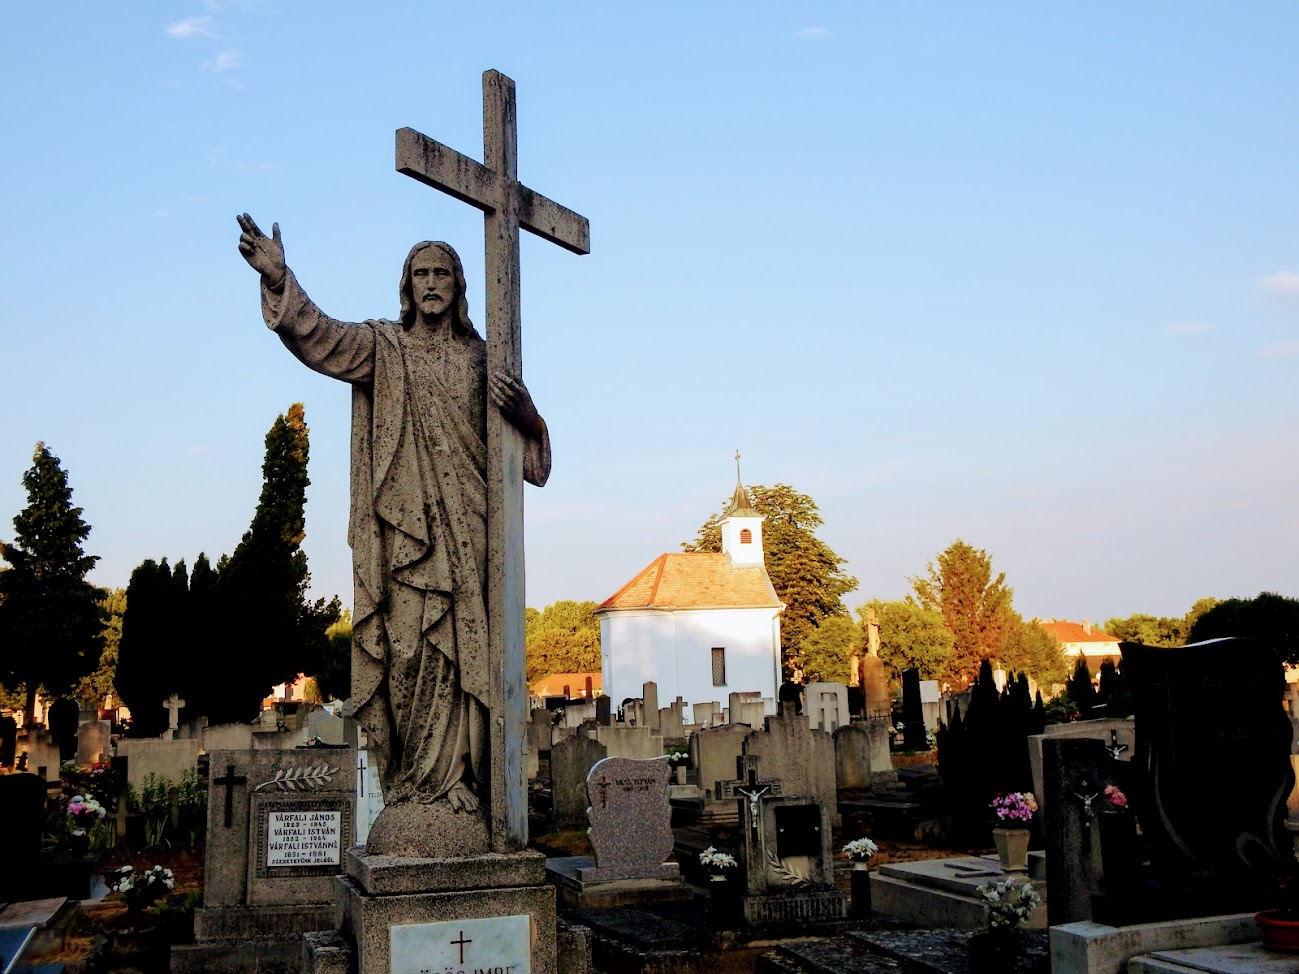 Szent Kereszt temetőkápolna a keresztúttal